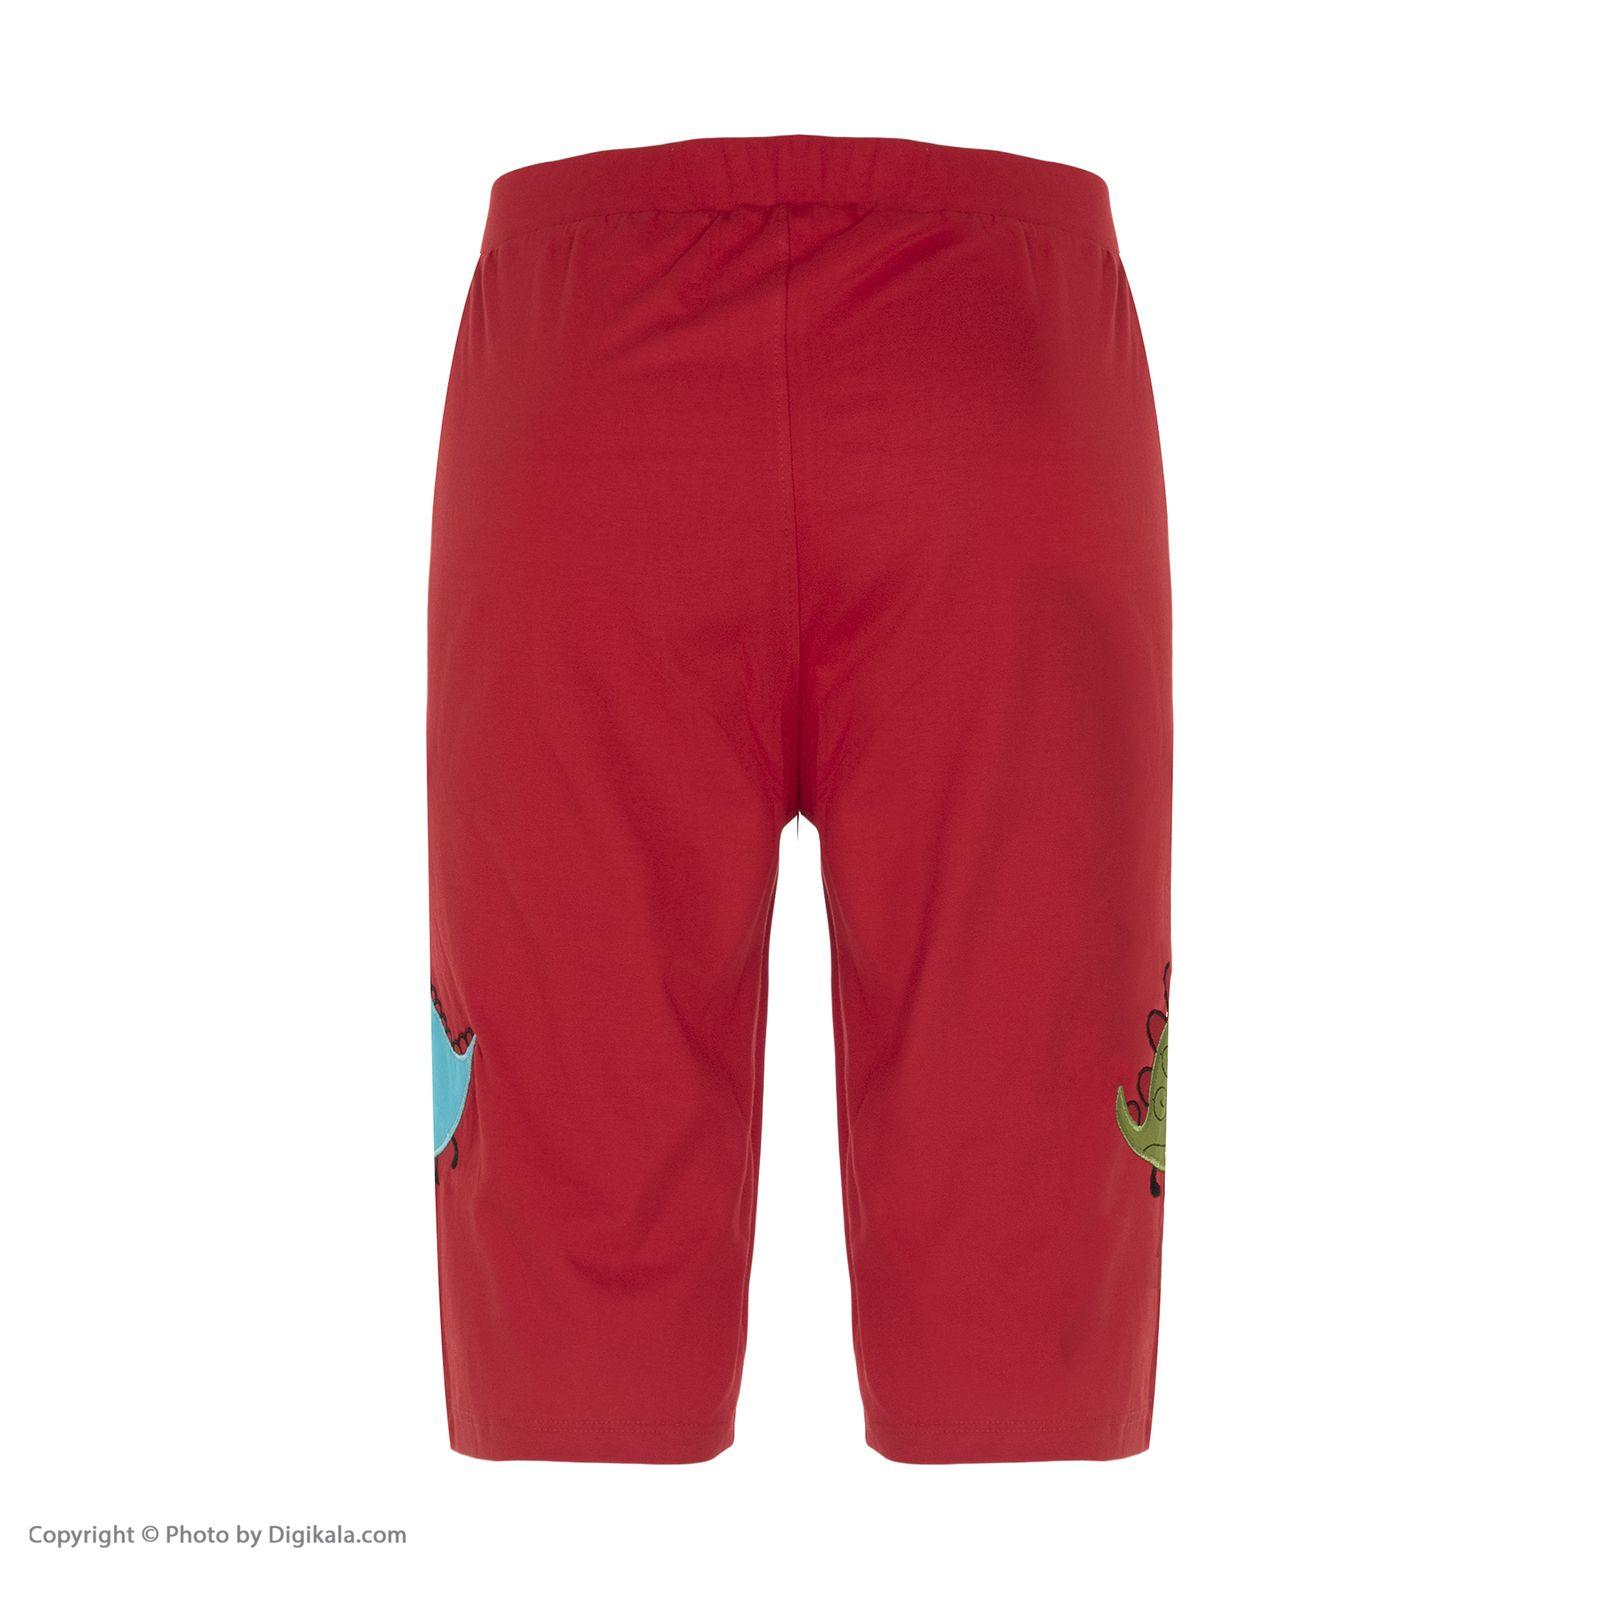 ست تی شرت و شلوارک راحتی مردانه مادر مدل 2041110-74 -  - 11